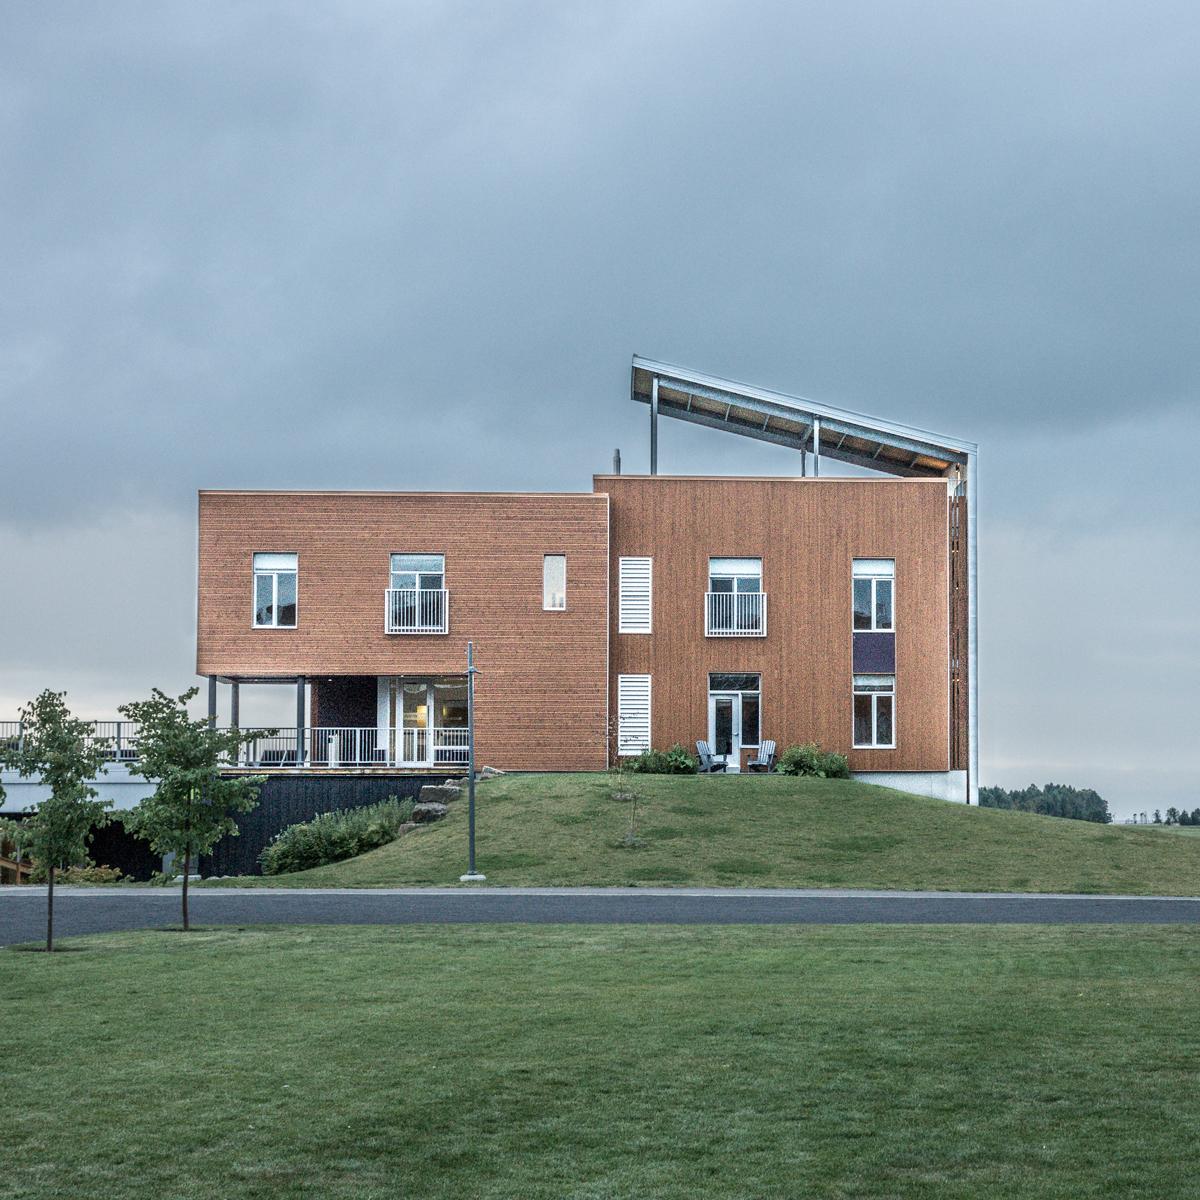 Hôtel La Ferme, Baie-St-Paul / LEMAYMICHAUD + Coarchitecture + STGM Architectes